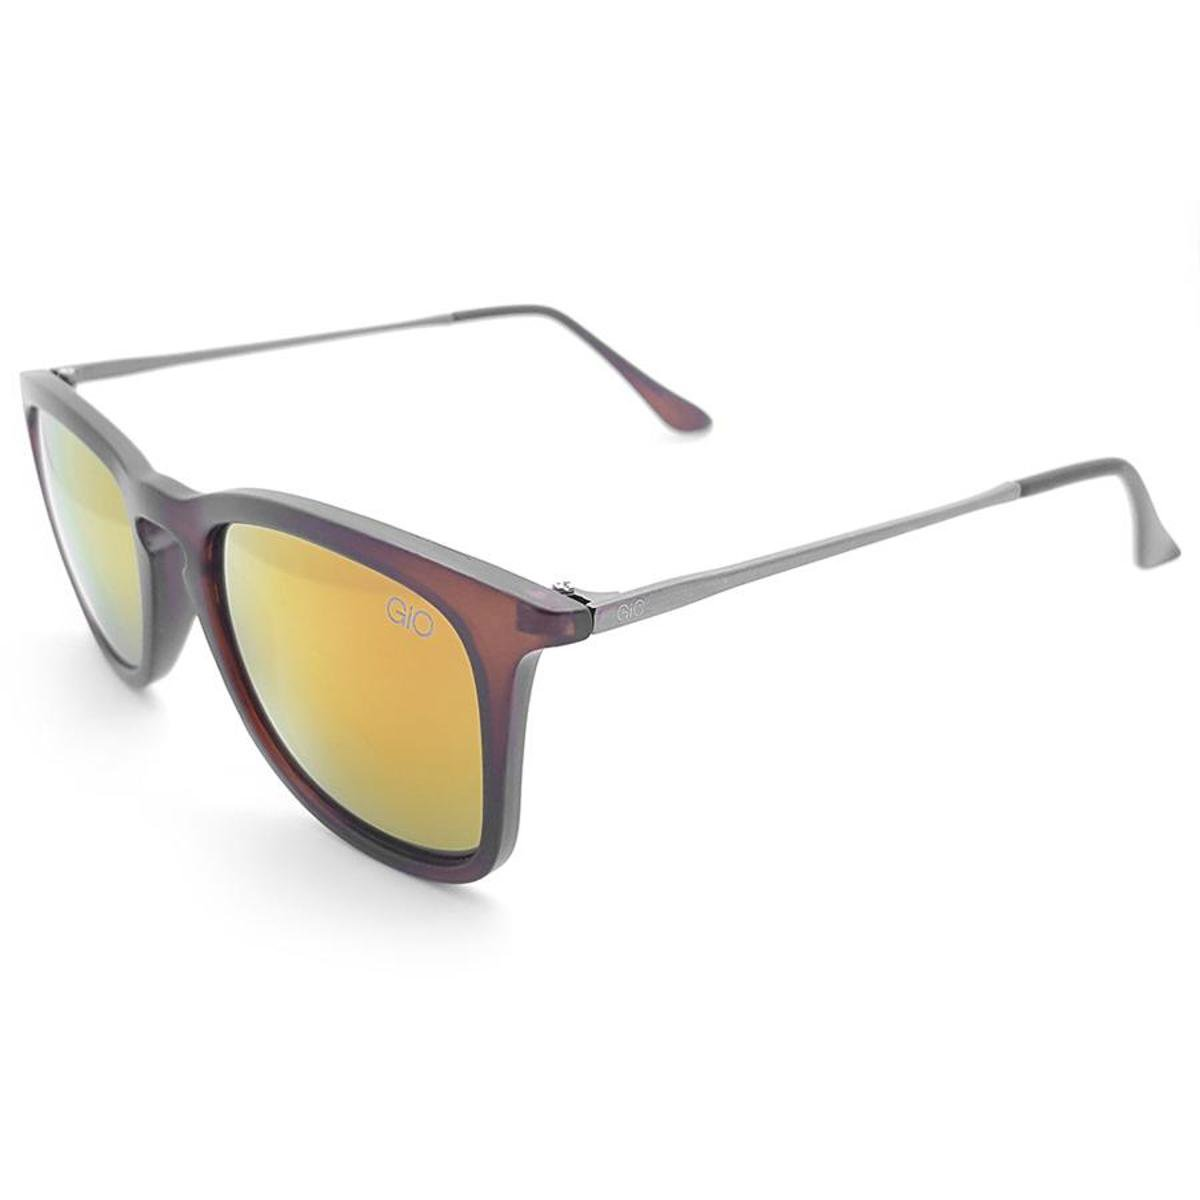 ... Óculos de Sol Gio Antonelli Fosco Lente Laranja Espelhada Feminino ... c2573f51e4